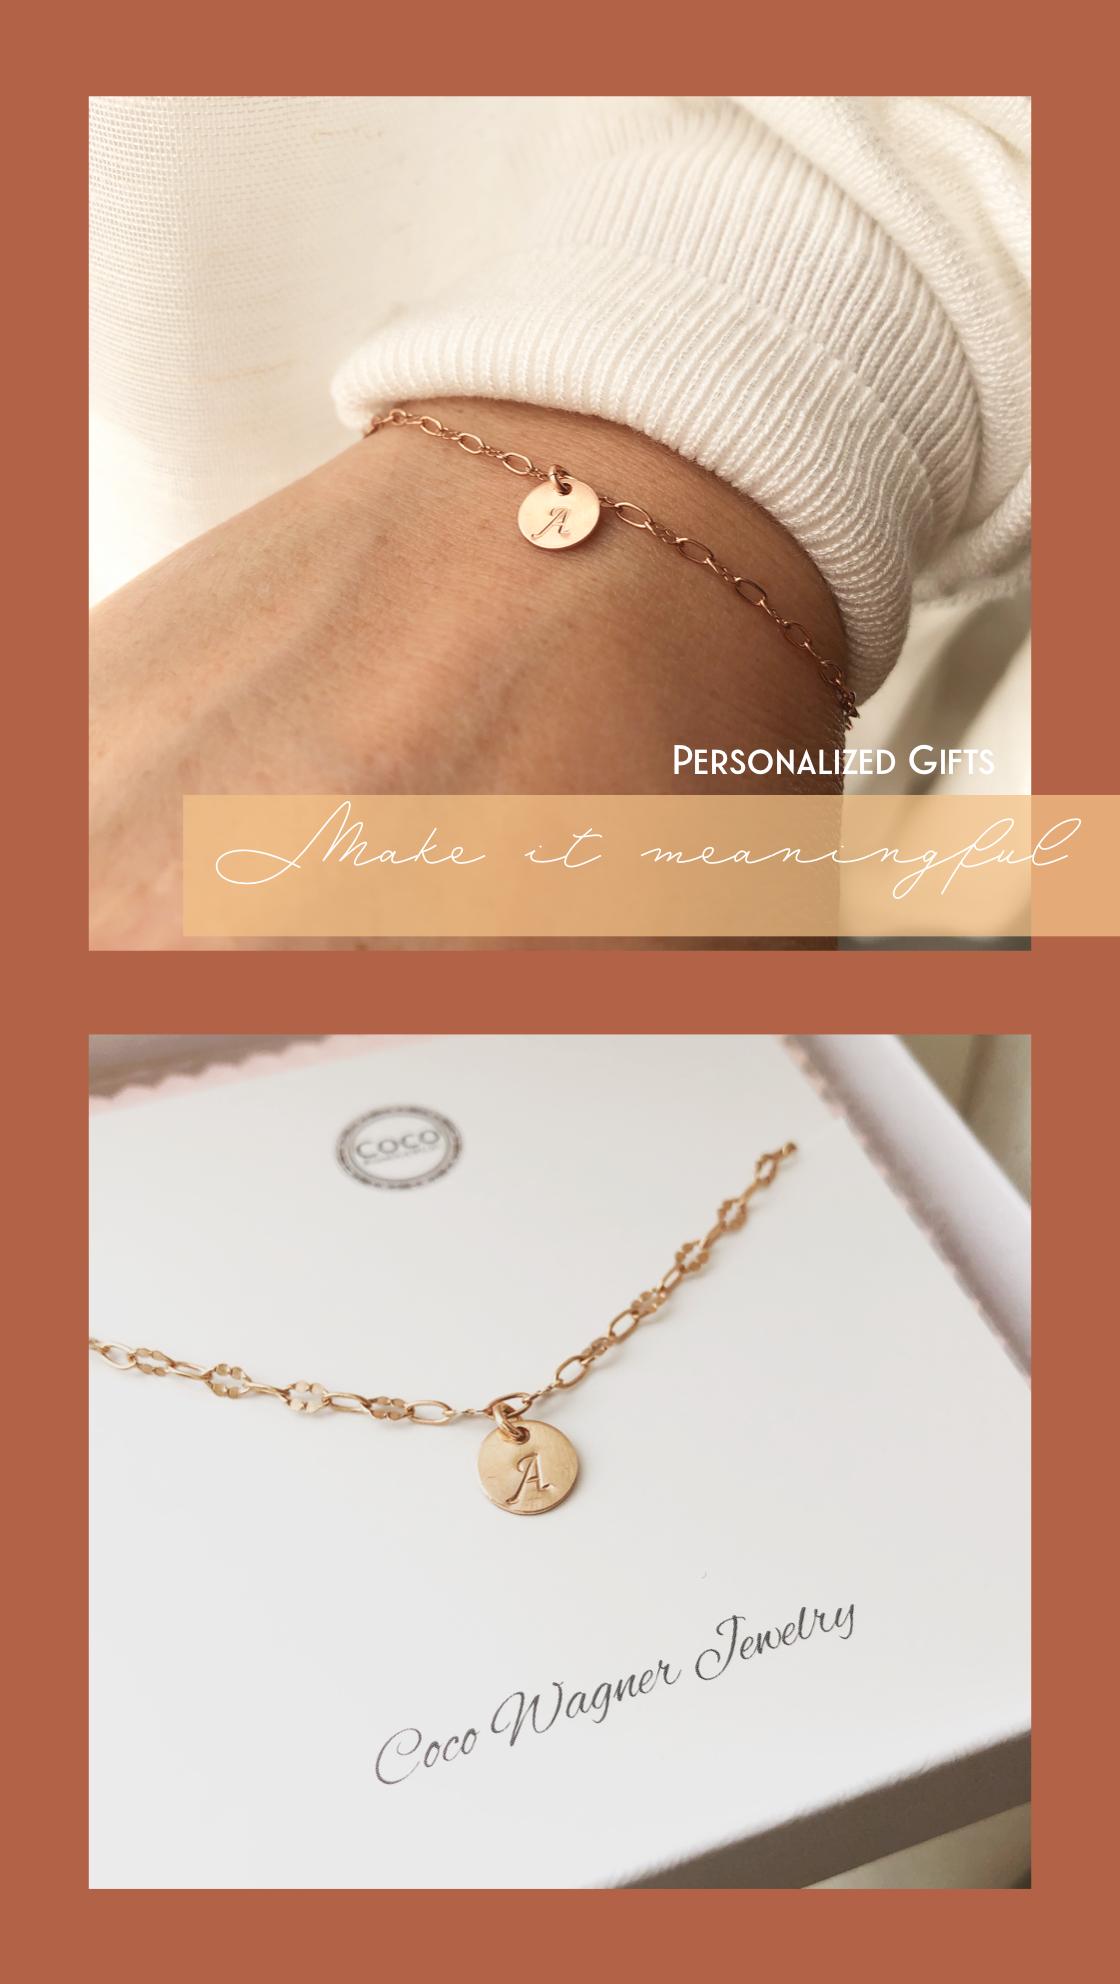 Photo of Make it make sense. Personalized Gifts, #DaintyJewelrypersonalized #Gifts #Meaningful #perso …